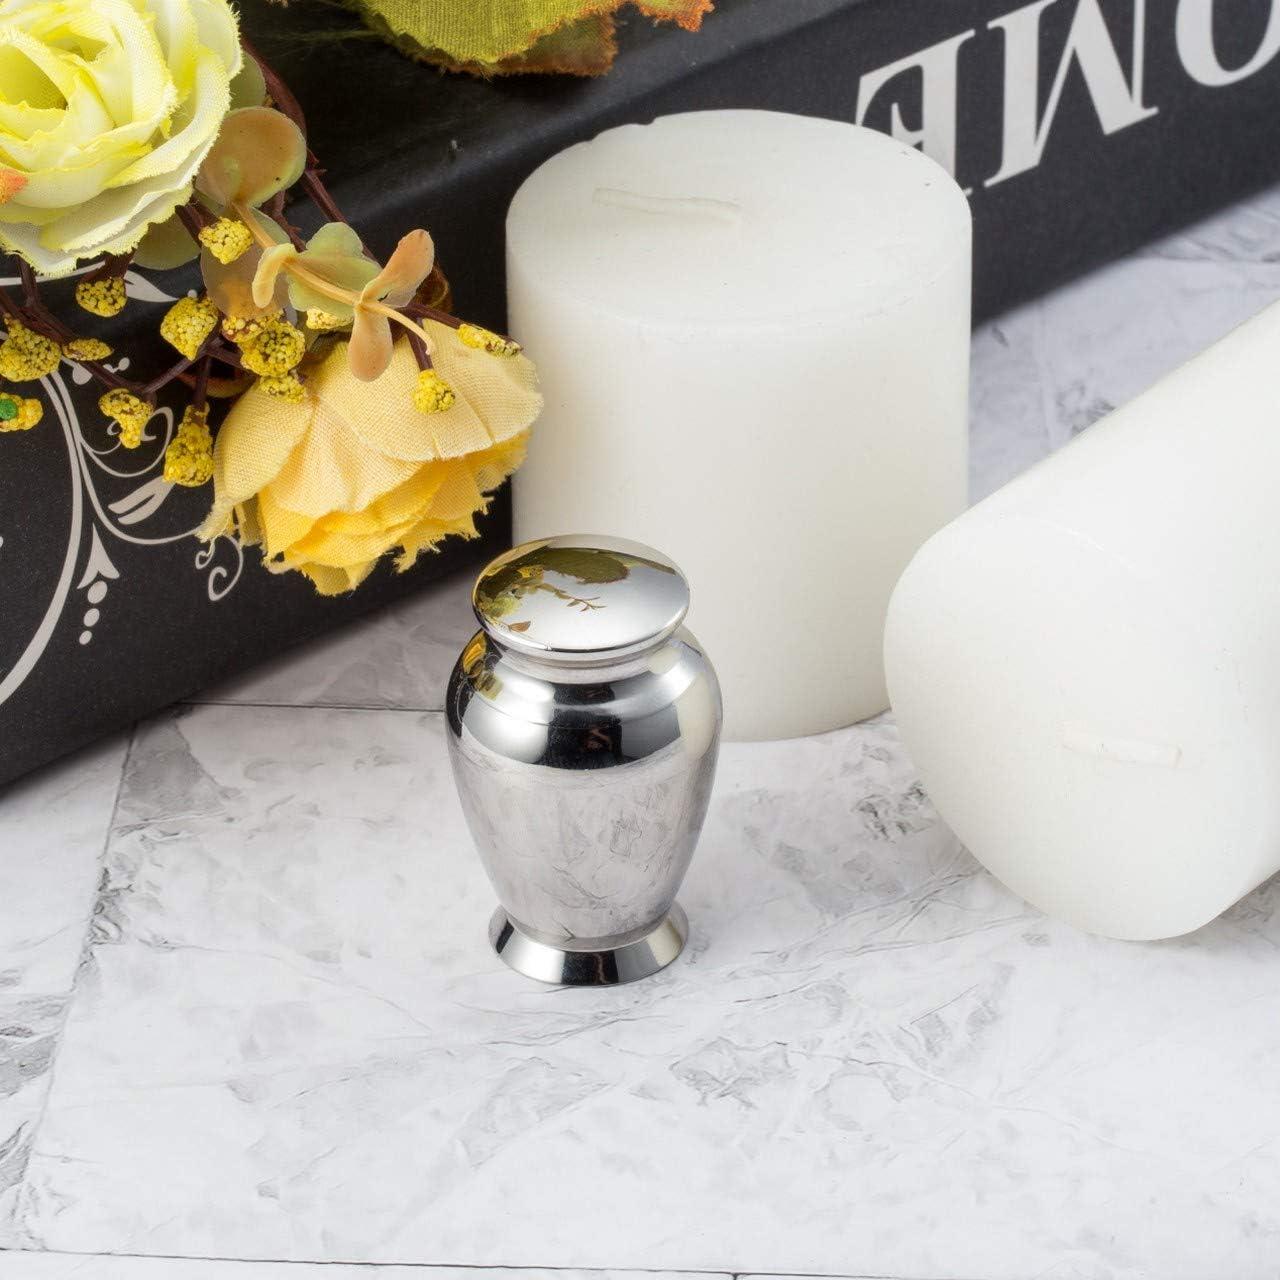 Zysta Mini urna de acero inoxidable resistente al agua para cenizas de cremaci/ón de cremaci/ón para el almacenamiento seguro de cenizas